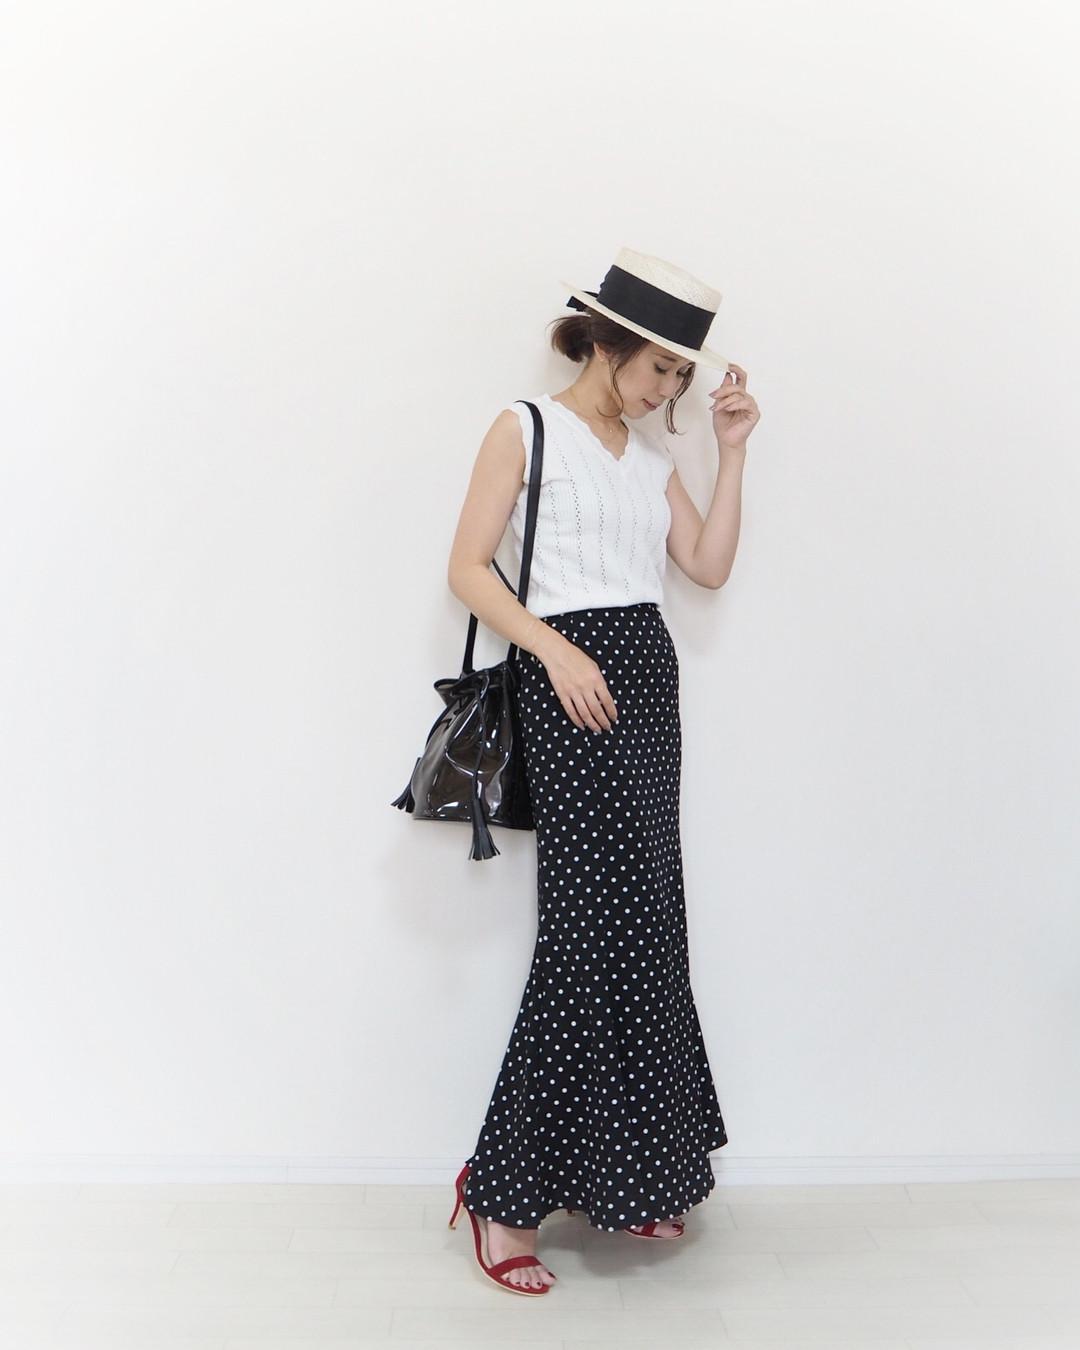 想低調的時尚一下,就搭件荷葉裙 yu.rm